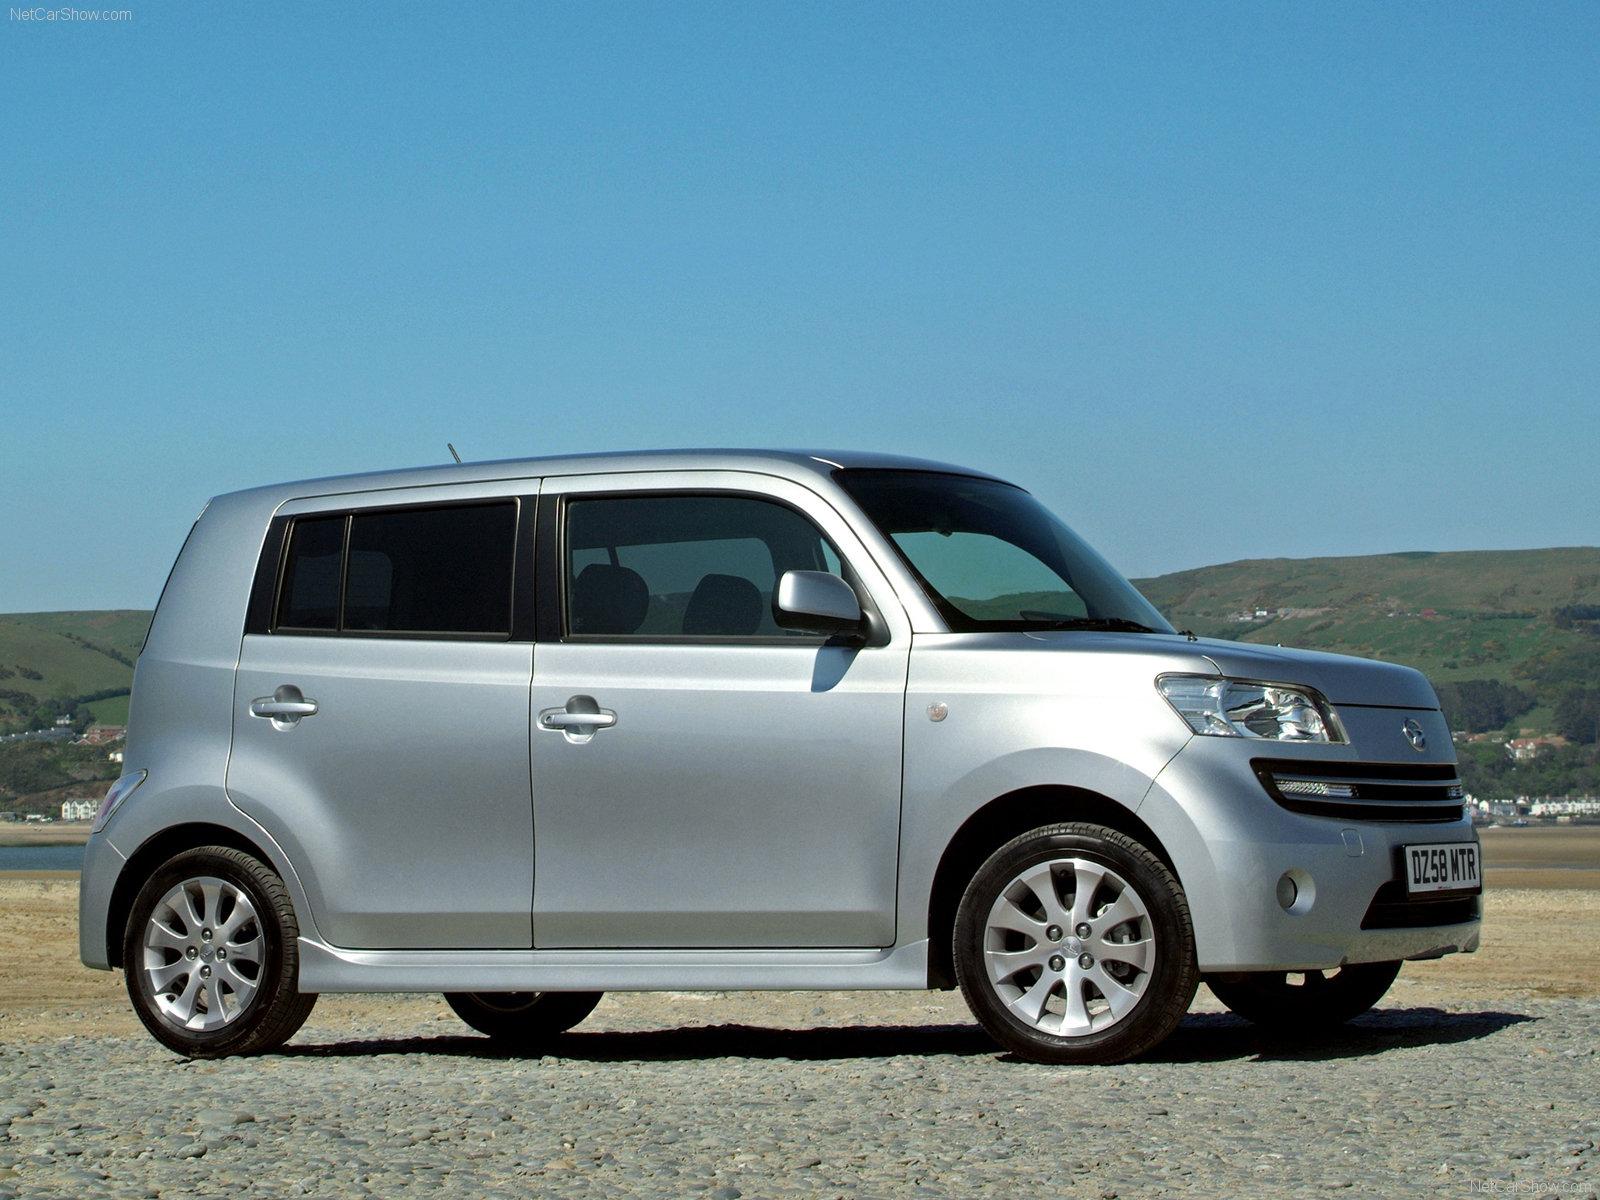 Hình ảnh xe ô tô Daihatsu Materia 2008 & nội ngoại thất